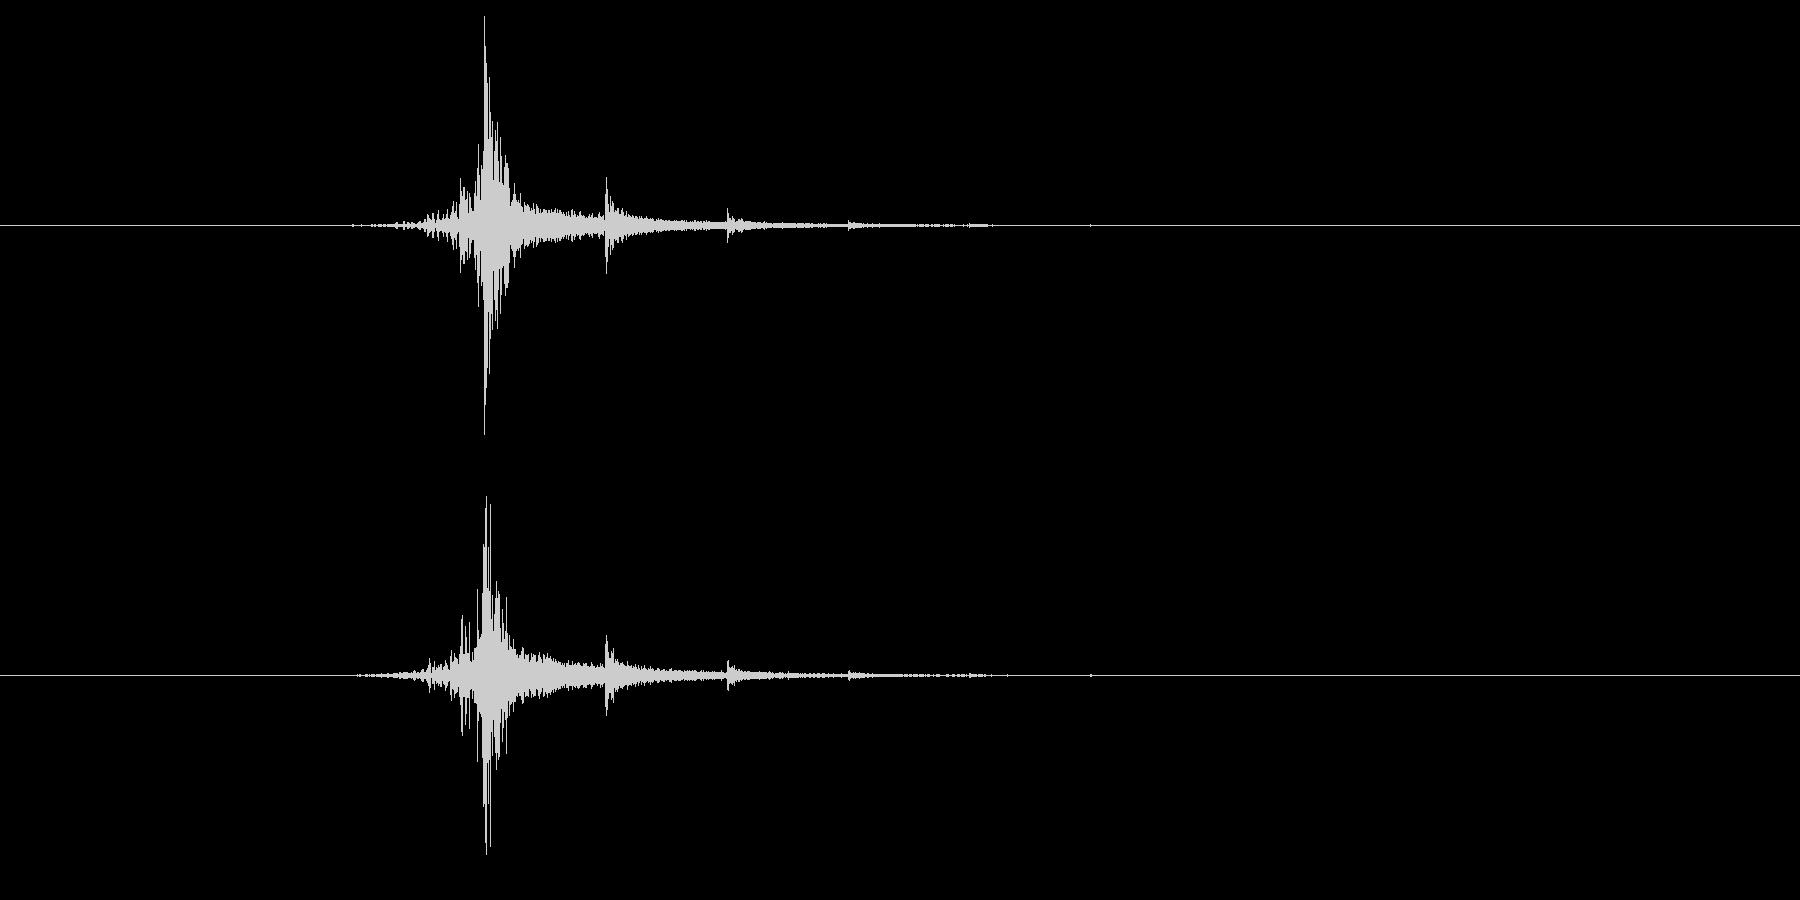 「バッシ-ン」強いビンタ 効果音ありの未再生の波形